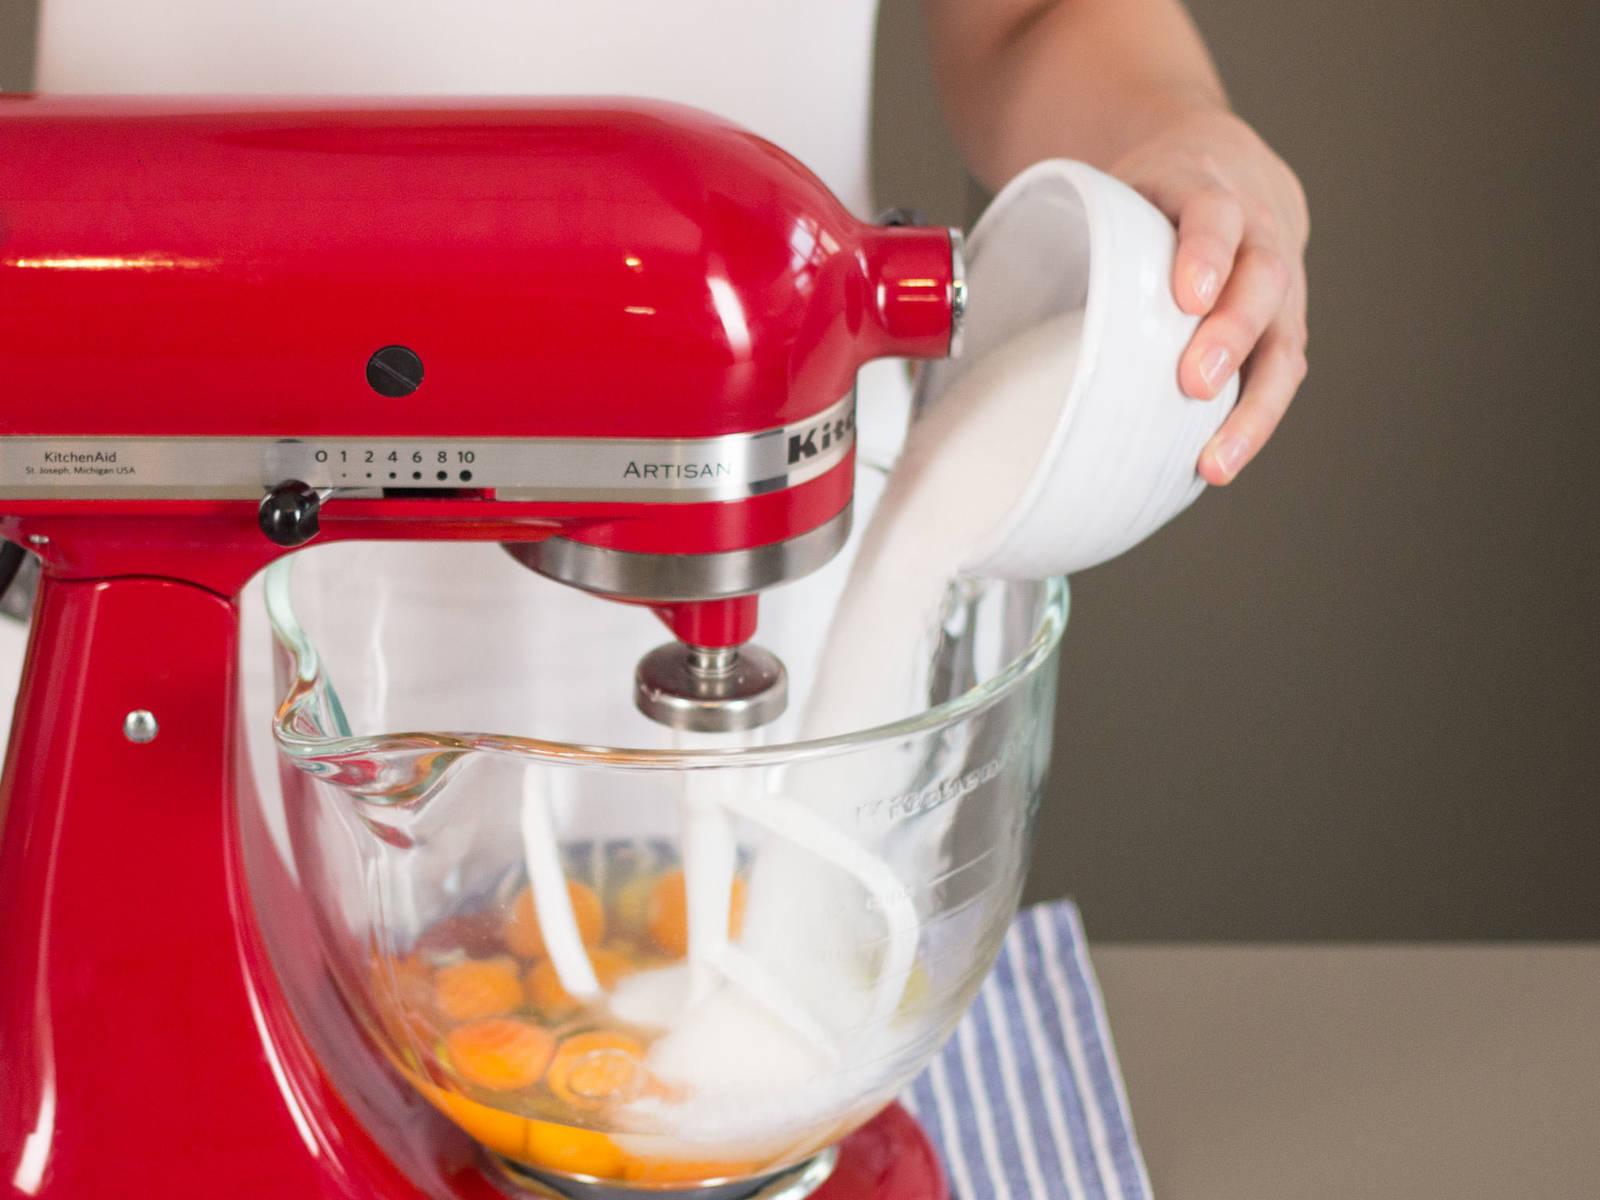 Eier und einen Teil des Zuckers in die Küchenmaschine geben und gut verrühren. Geschmolzene Schokolade hinzugeben und gut vermengen.